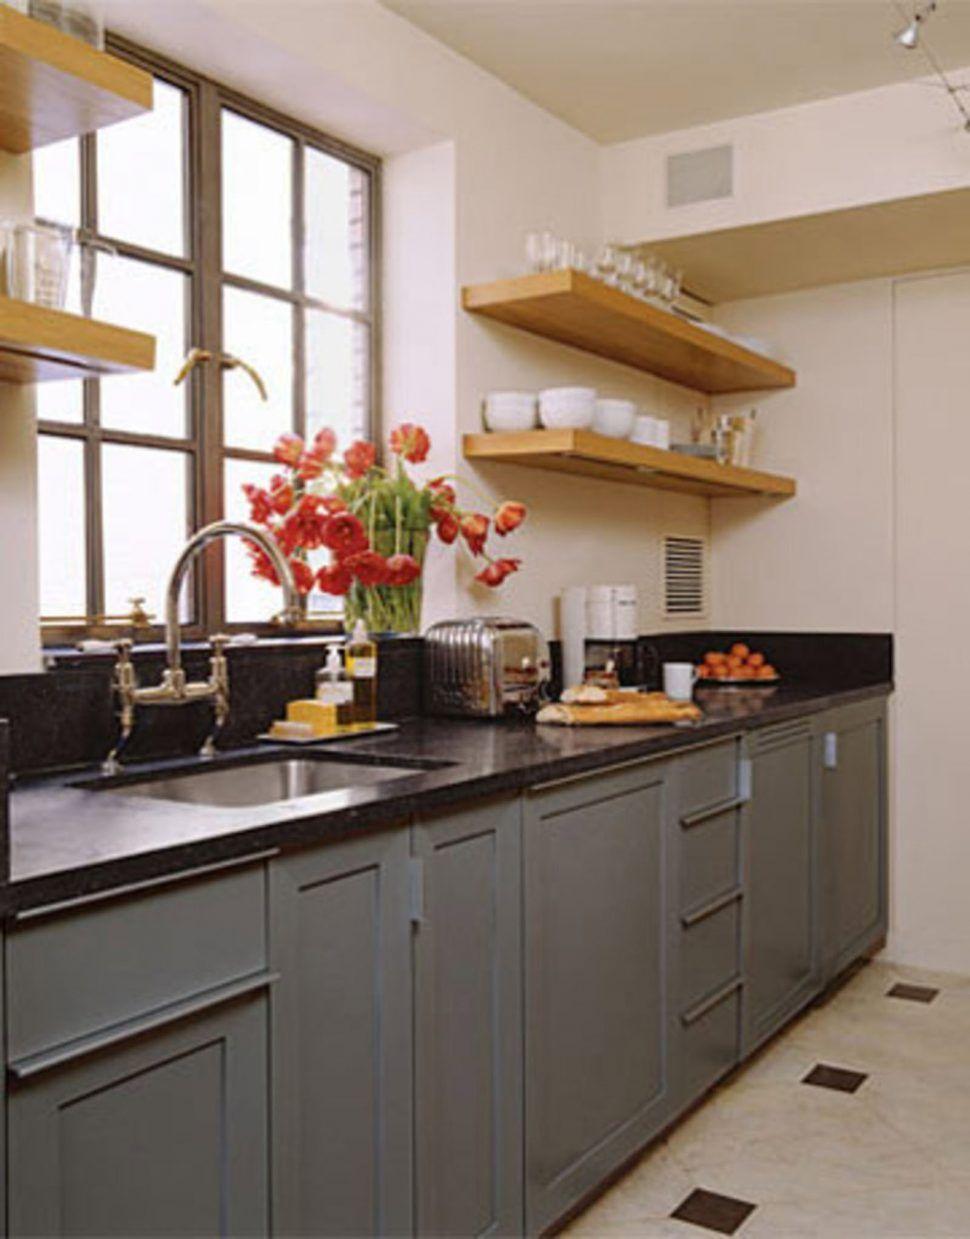 Small kitchen designs kitchen kitchen design ideas for